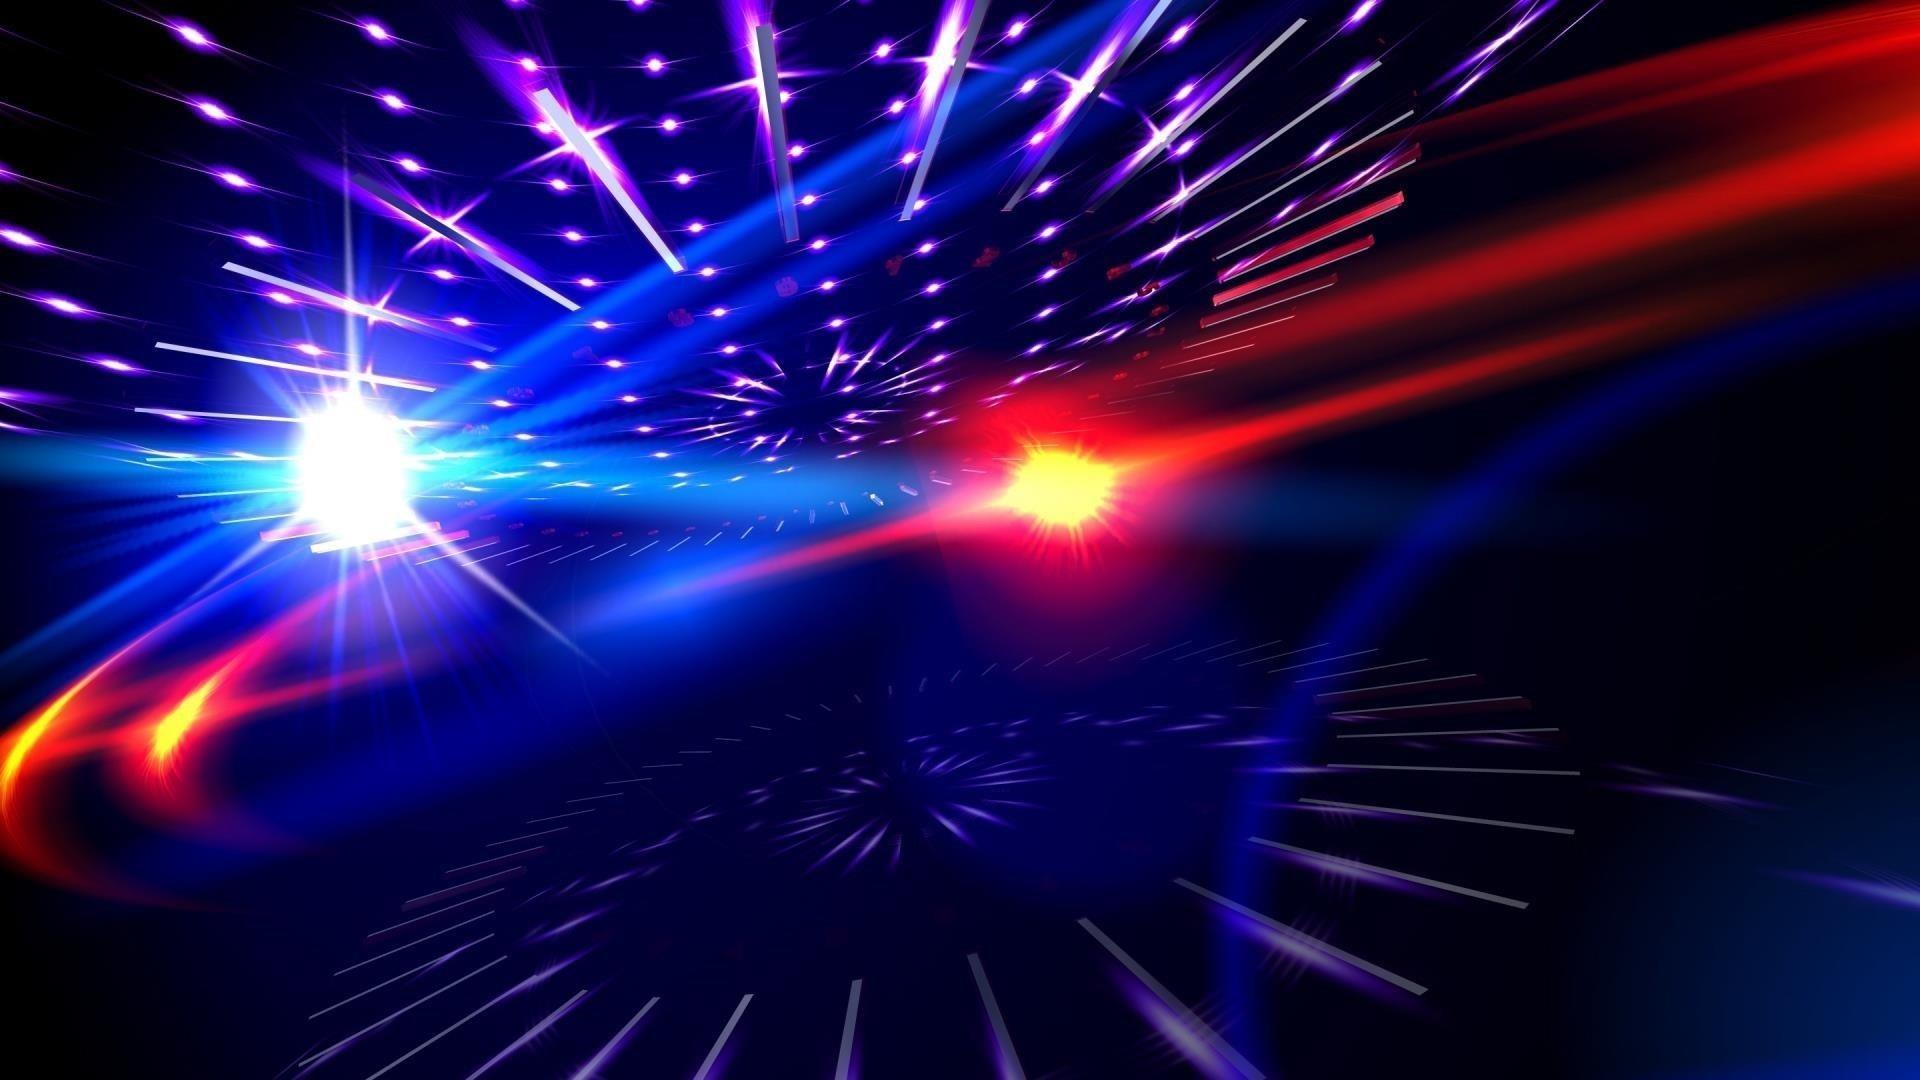 Белый красный синий свет блики лучи абстрактные обои скачать